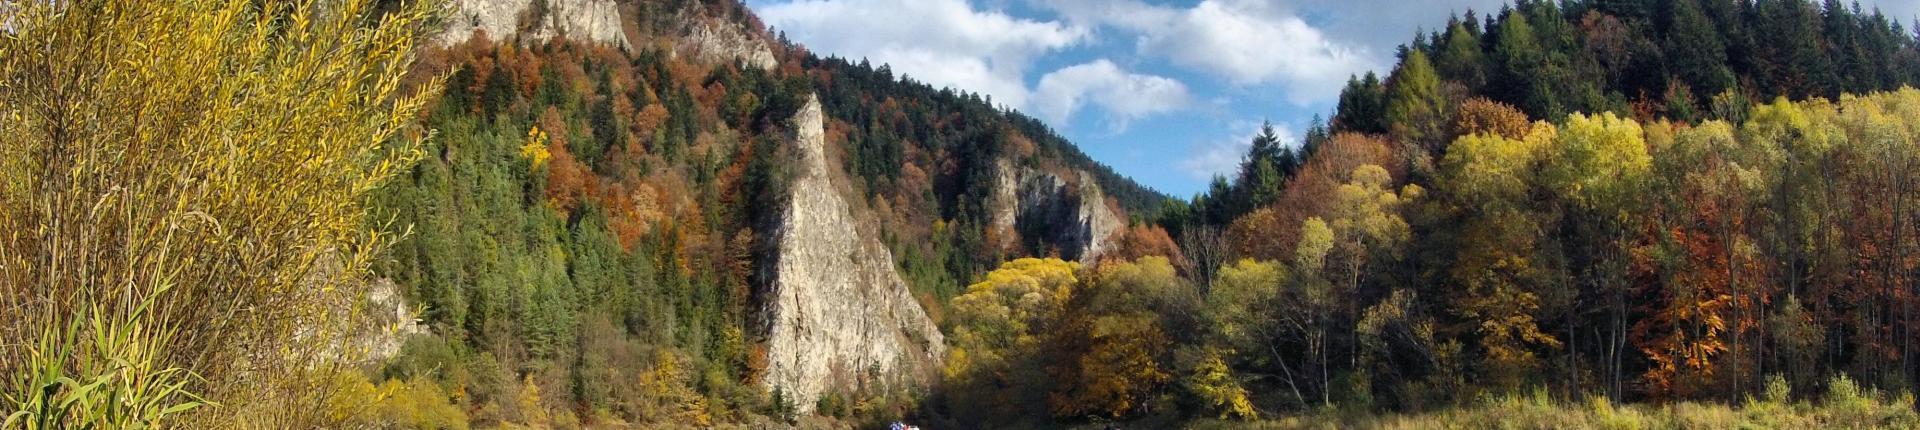 נהר הדונייץ', מטיול האופניים בפולין